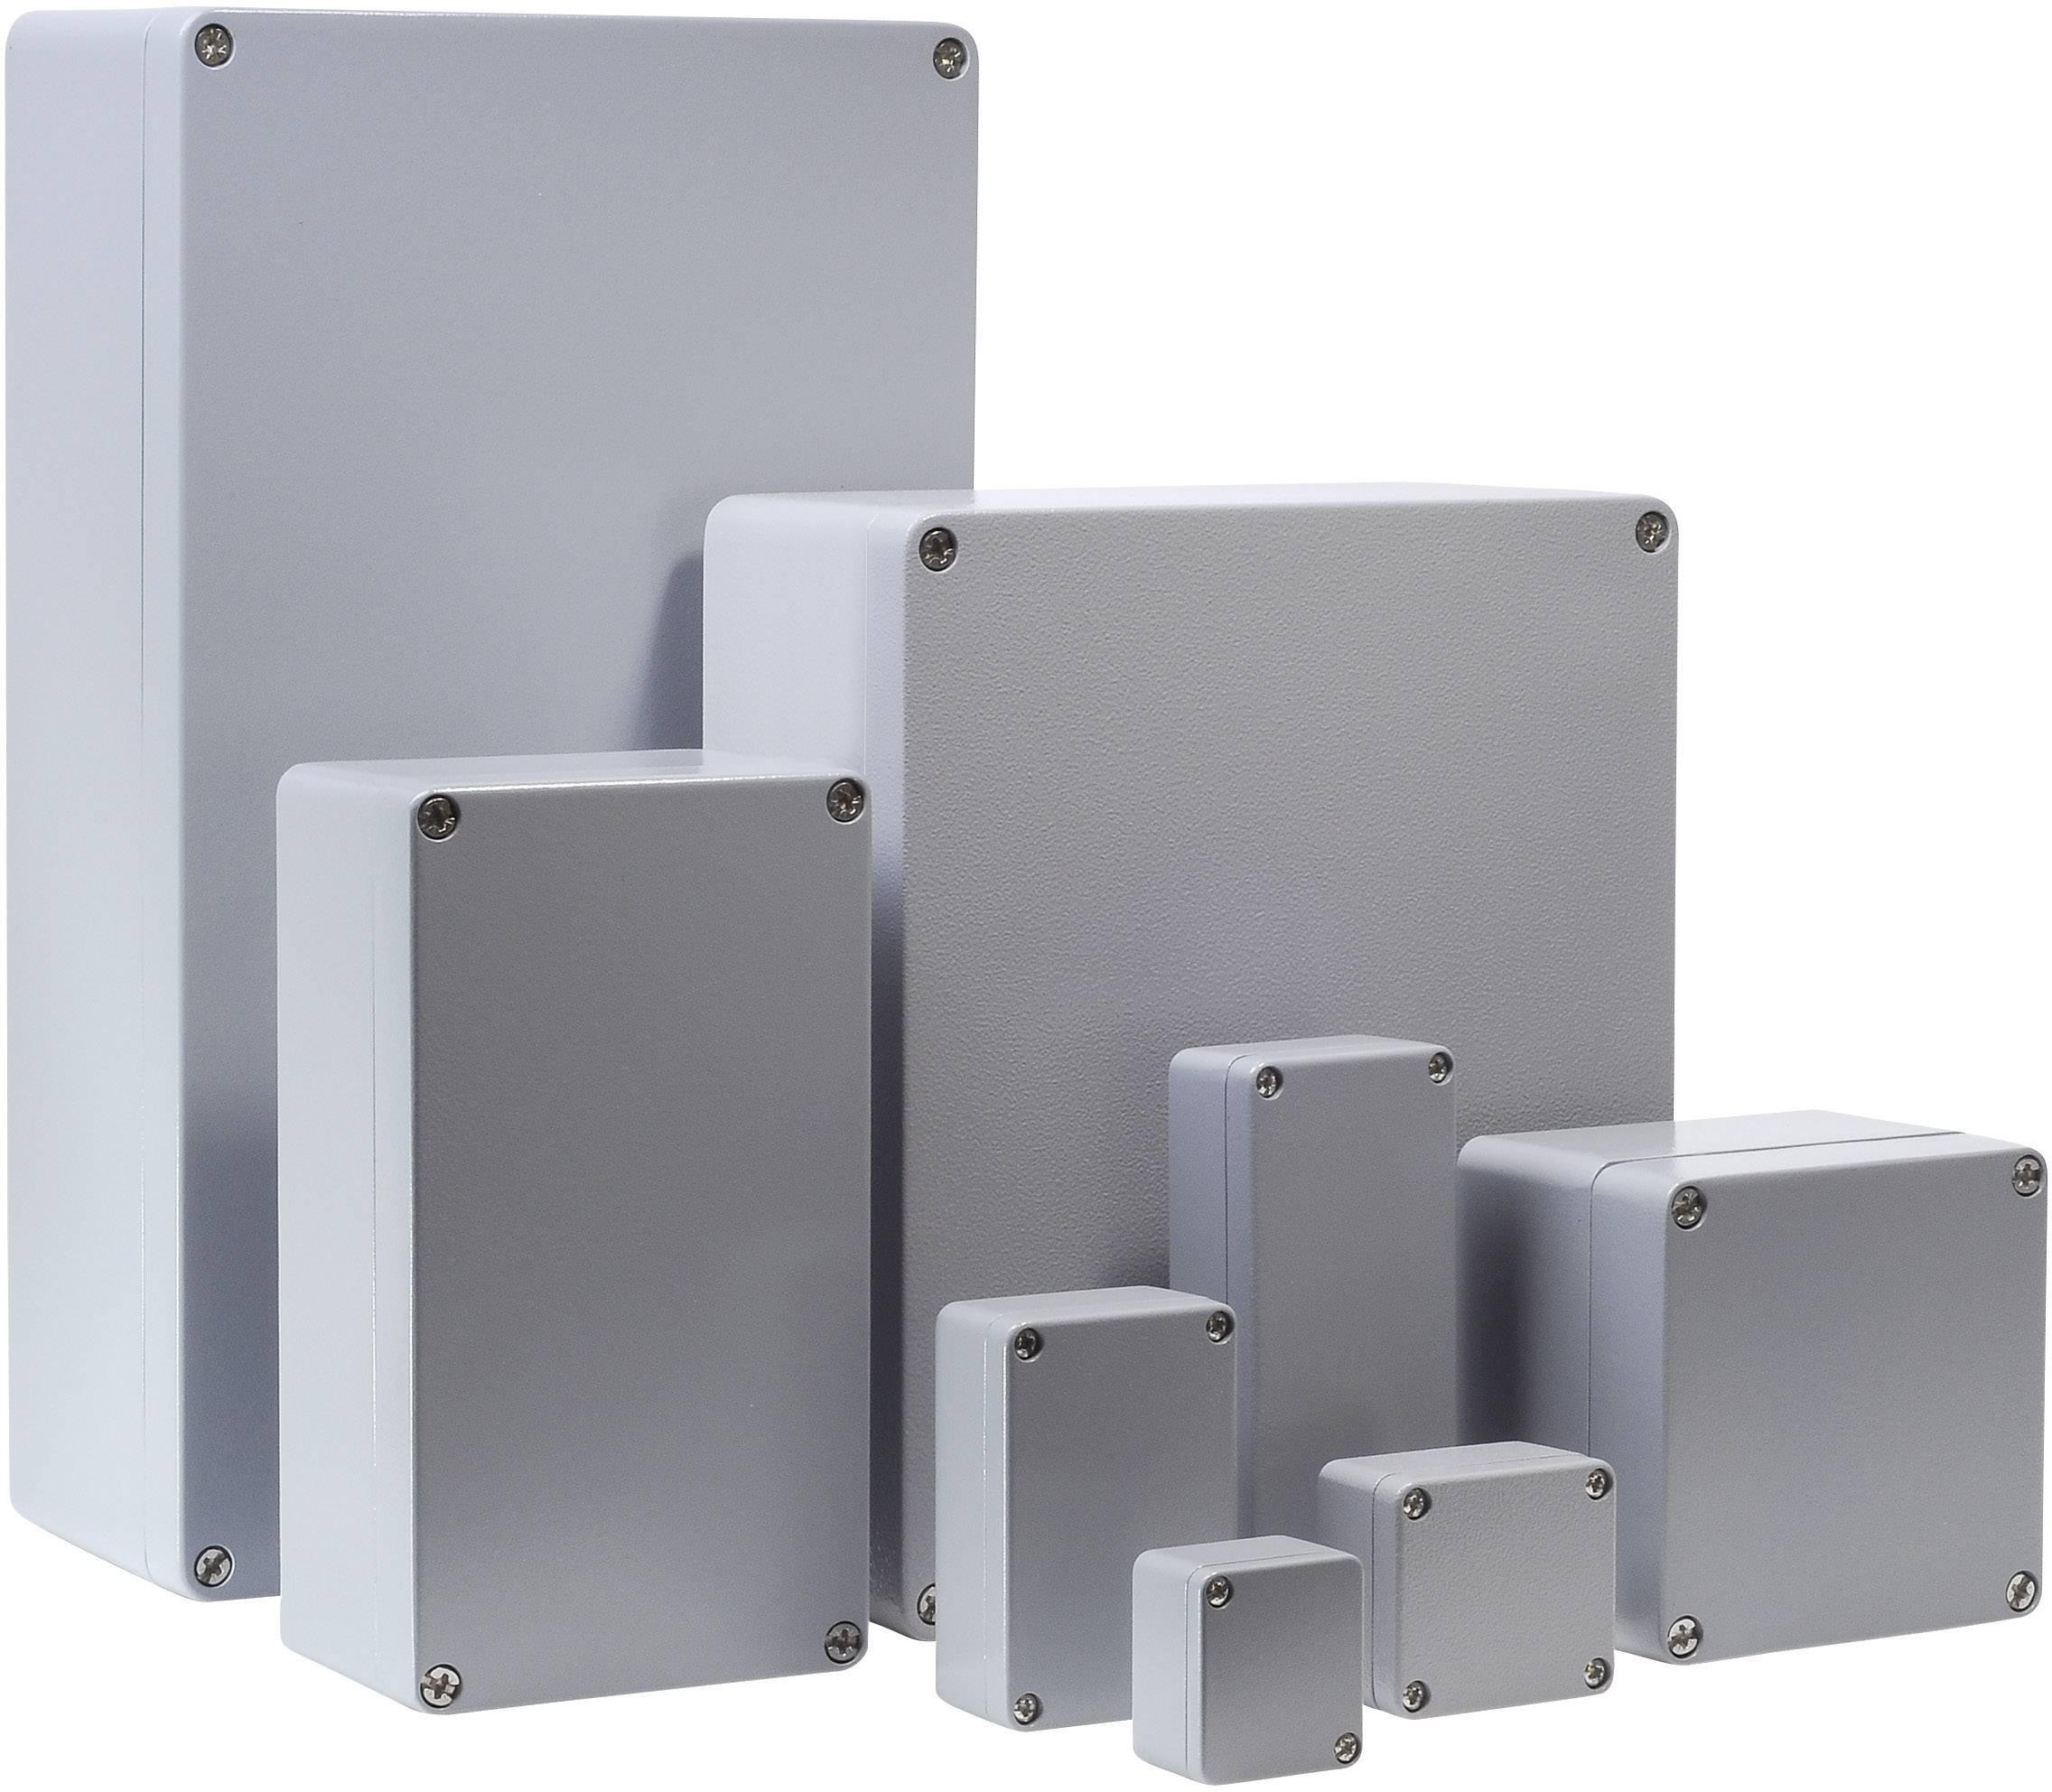 Univerzální pouzdro hliníkové Bernstein AG CA-235, (d x š x v) 220 x 122 x 90 mm, stříbrná